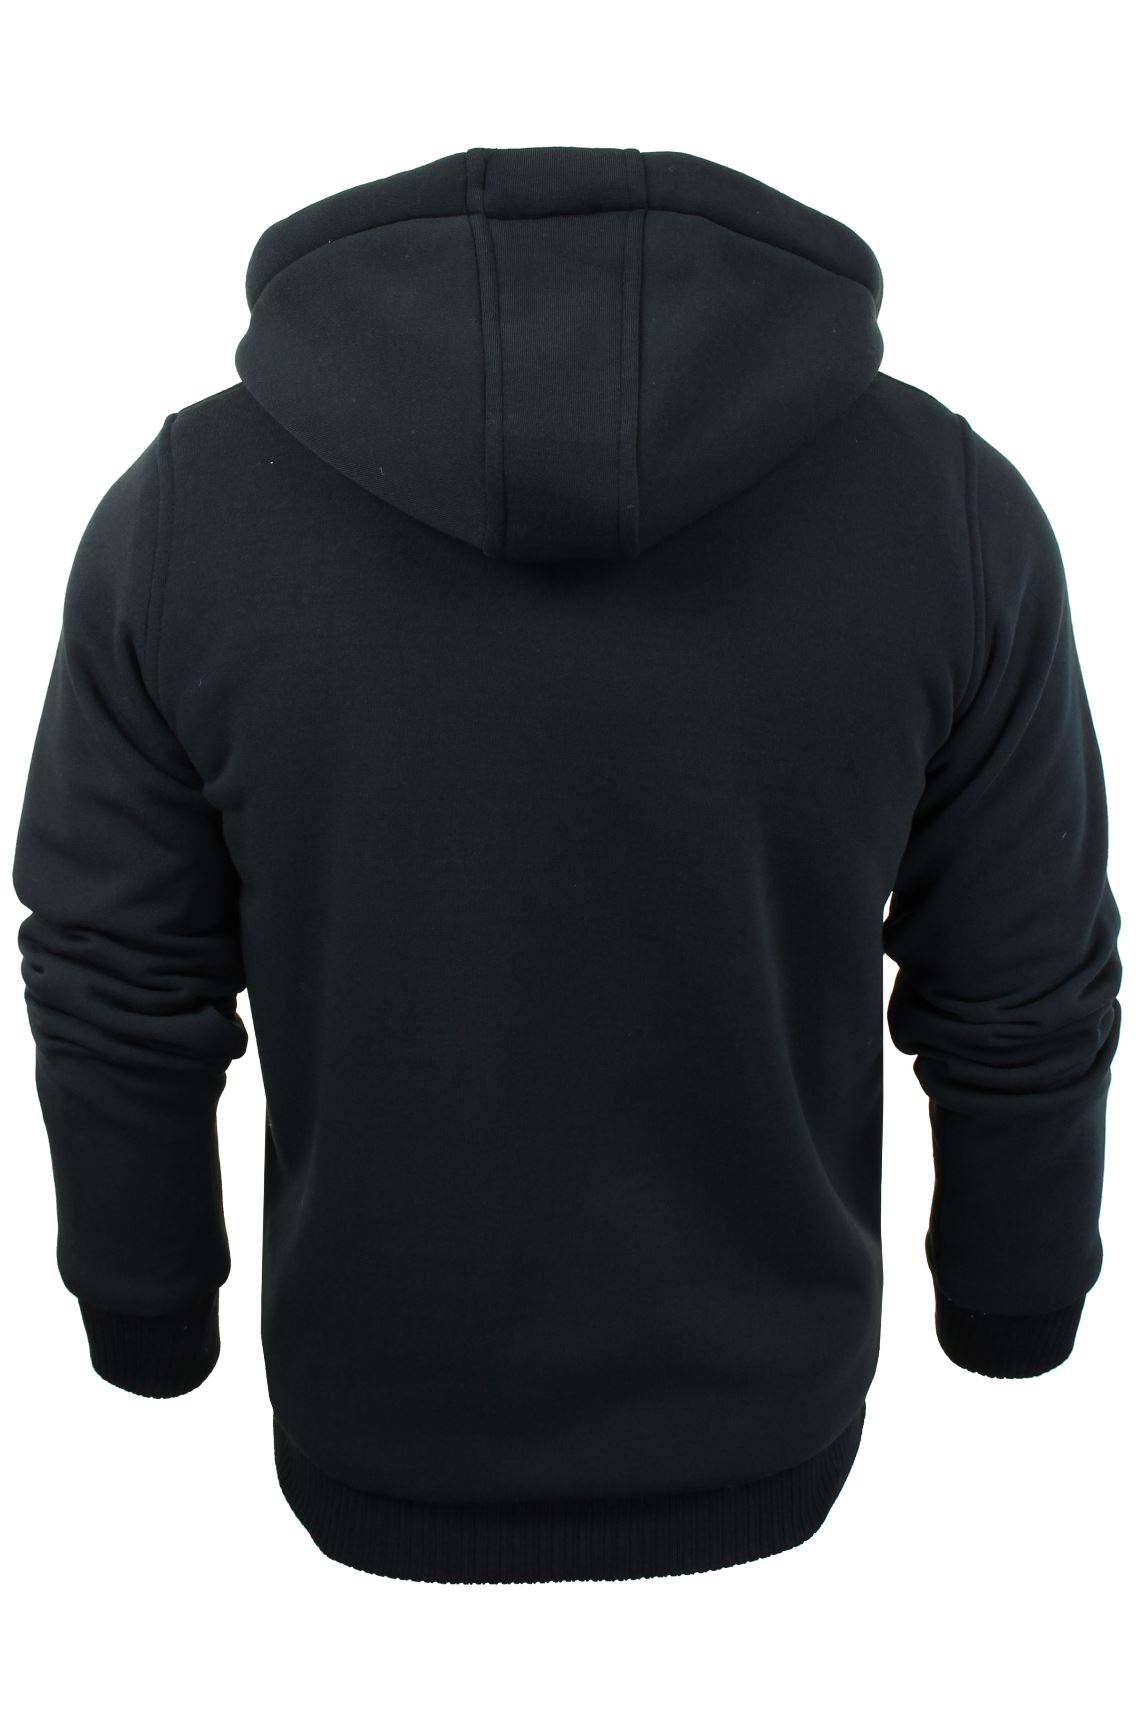 Brave-Soul-Mens-Hooded-Sweatshirt-Jumper-039-Zone-039-Hoodie-Sherpa-Lined thumbnail 8